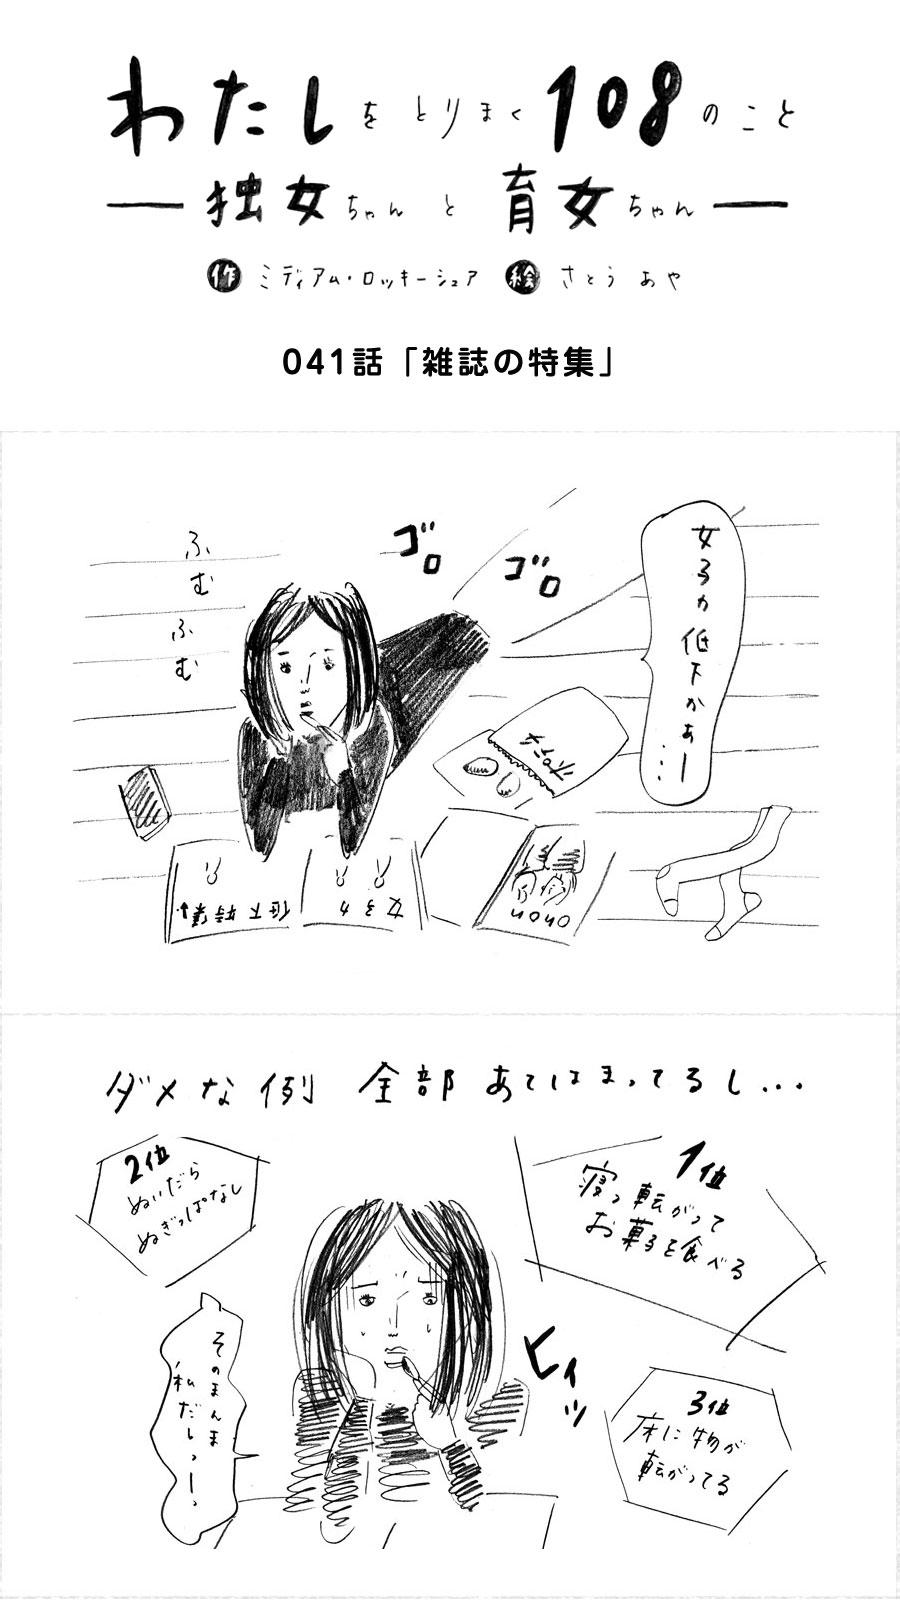 041_雑誌の特集_独女ちゃん_000